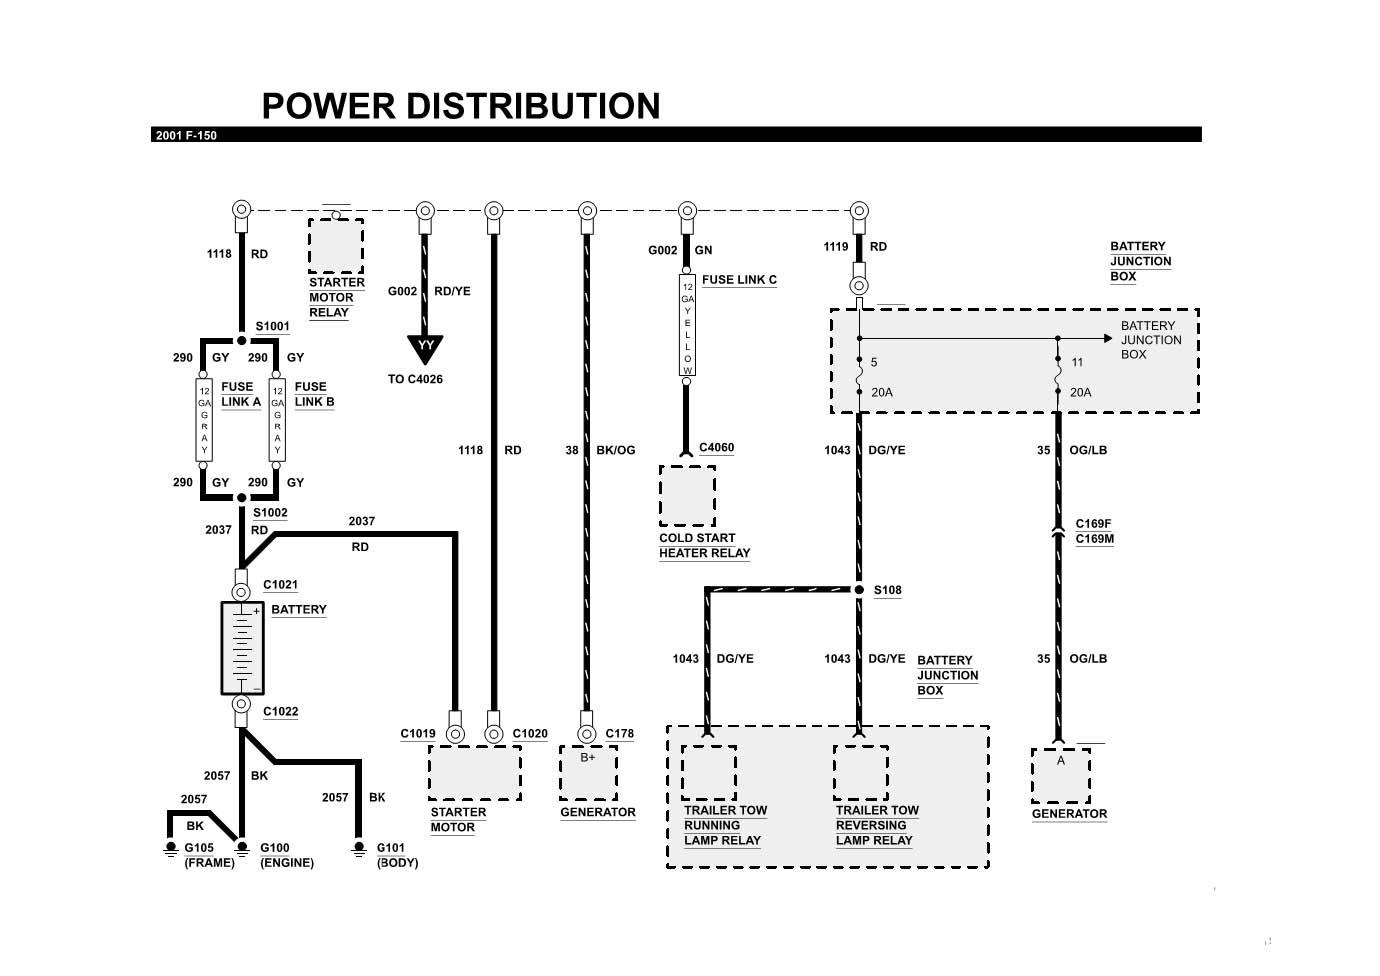 1996 ford f250 wiring schematics da 0216  97 f150 heater wiring diagram get free image about wiring  da 0216  97 f150 heater wiring diagram